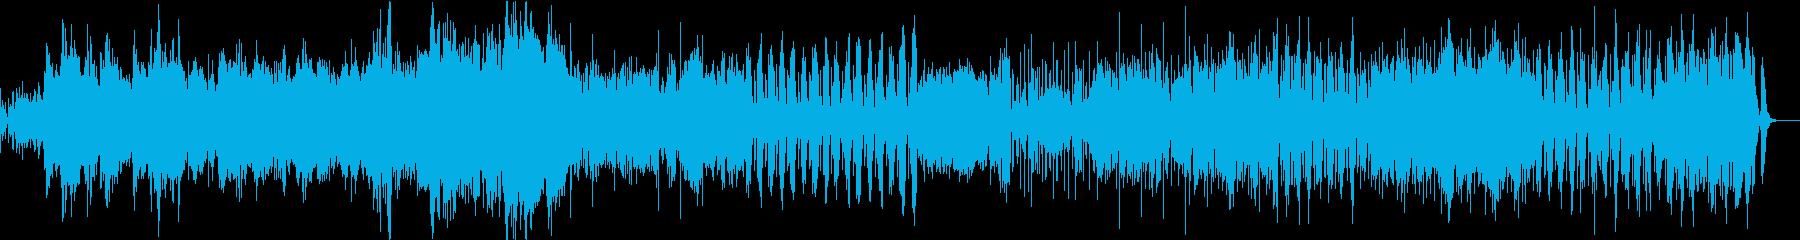 南国バカンスの陽気なオーケストラの再生済みの波形